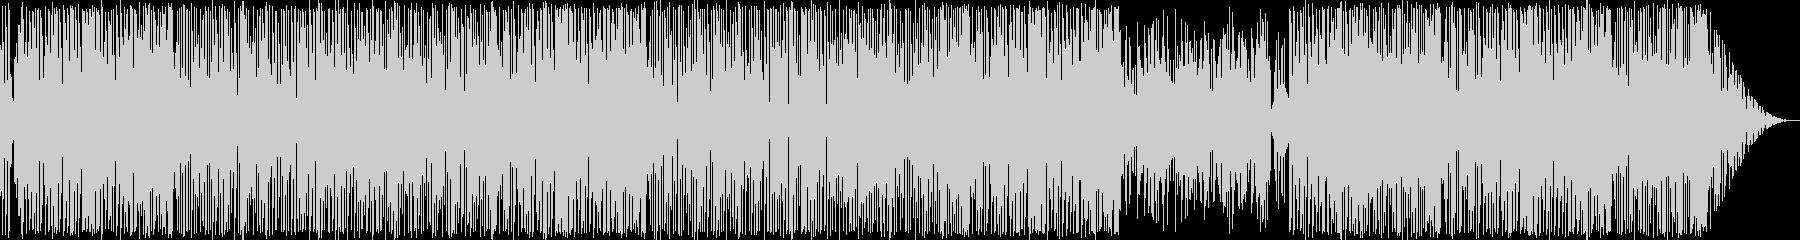 8bitレトロゲーム・ポップな和風BGMの未再生の波形